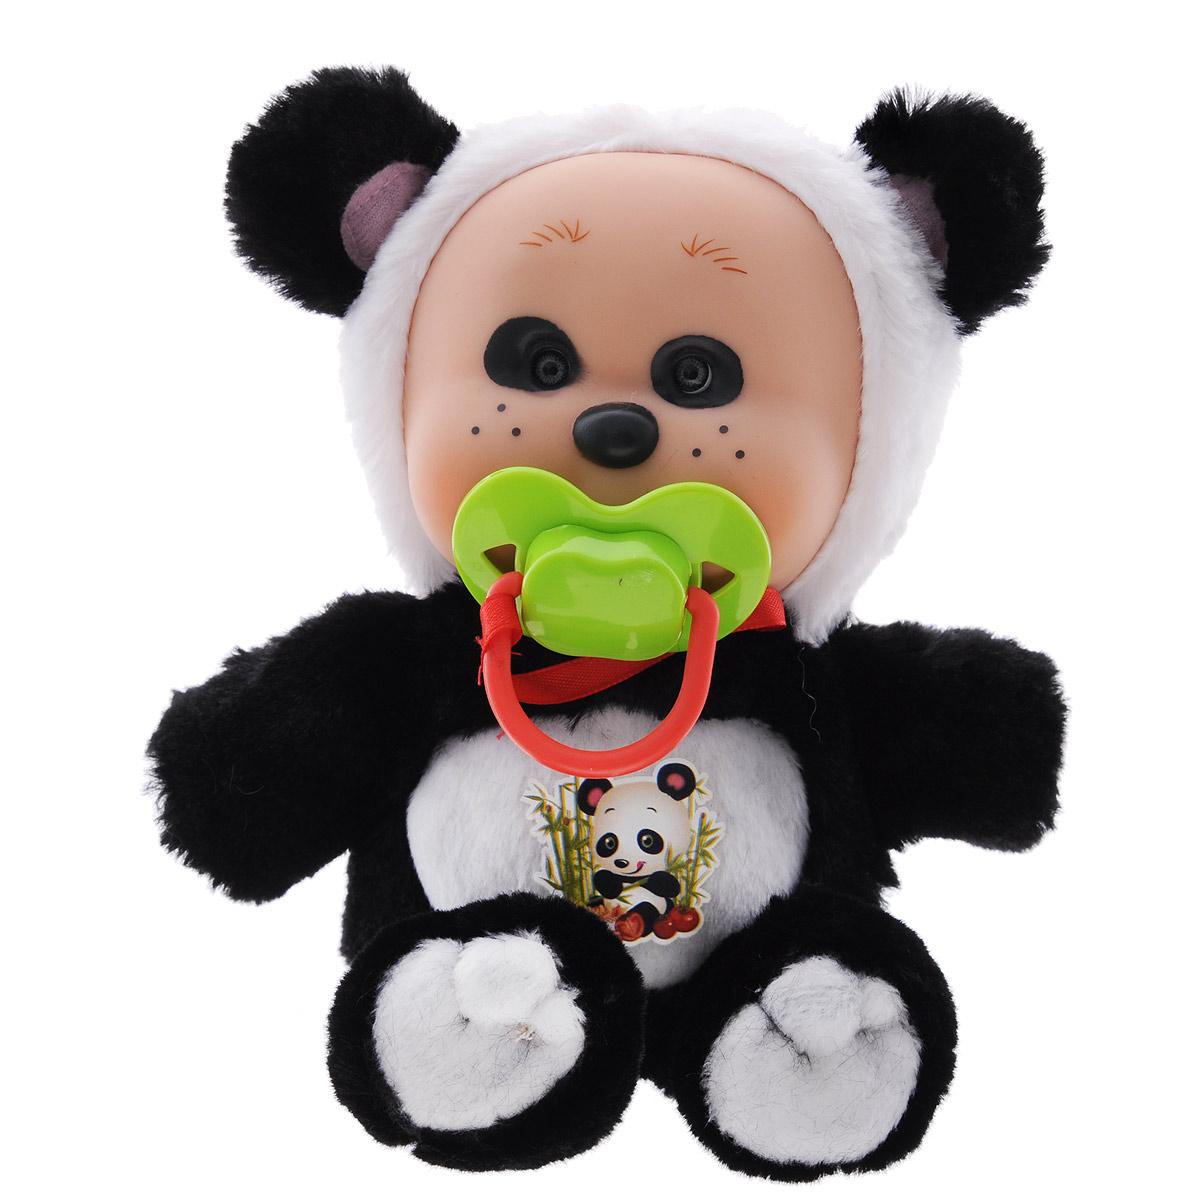 Yogurtinis Мягкая игрушка Лесные друзья Панда Ли15007-3Мягкая игрушка Yogurtinis Лесные друзья. Панда Ли с приятным ароматом станет лучшим другом для вашего малыша. Она выполнена из приятного на ощупь плюша нежных цветов в виде очаровательной панды. Тело у игрушки мягкое, а милая мордашка выполнена из безопасного пластика. Дополнительно к игрушке прилагается соска, которая легко вставляется в ротик. Поставляется игрушка в фирменной пластиковой банке. Эта прекрасная панда принесет радость и подарит своему обладателю мгновения нежных объятий и приятных воспоминаний.